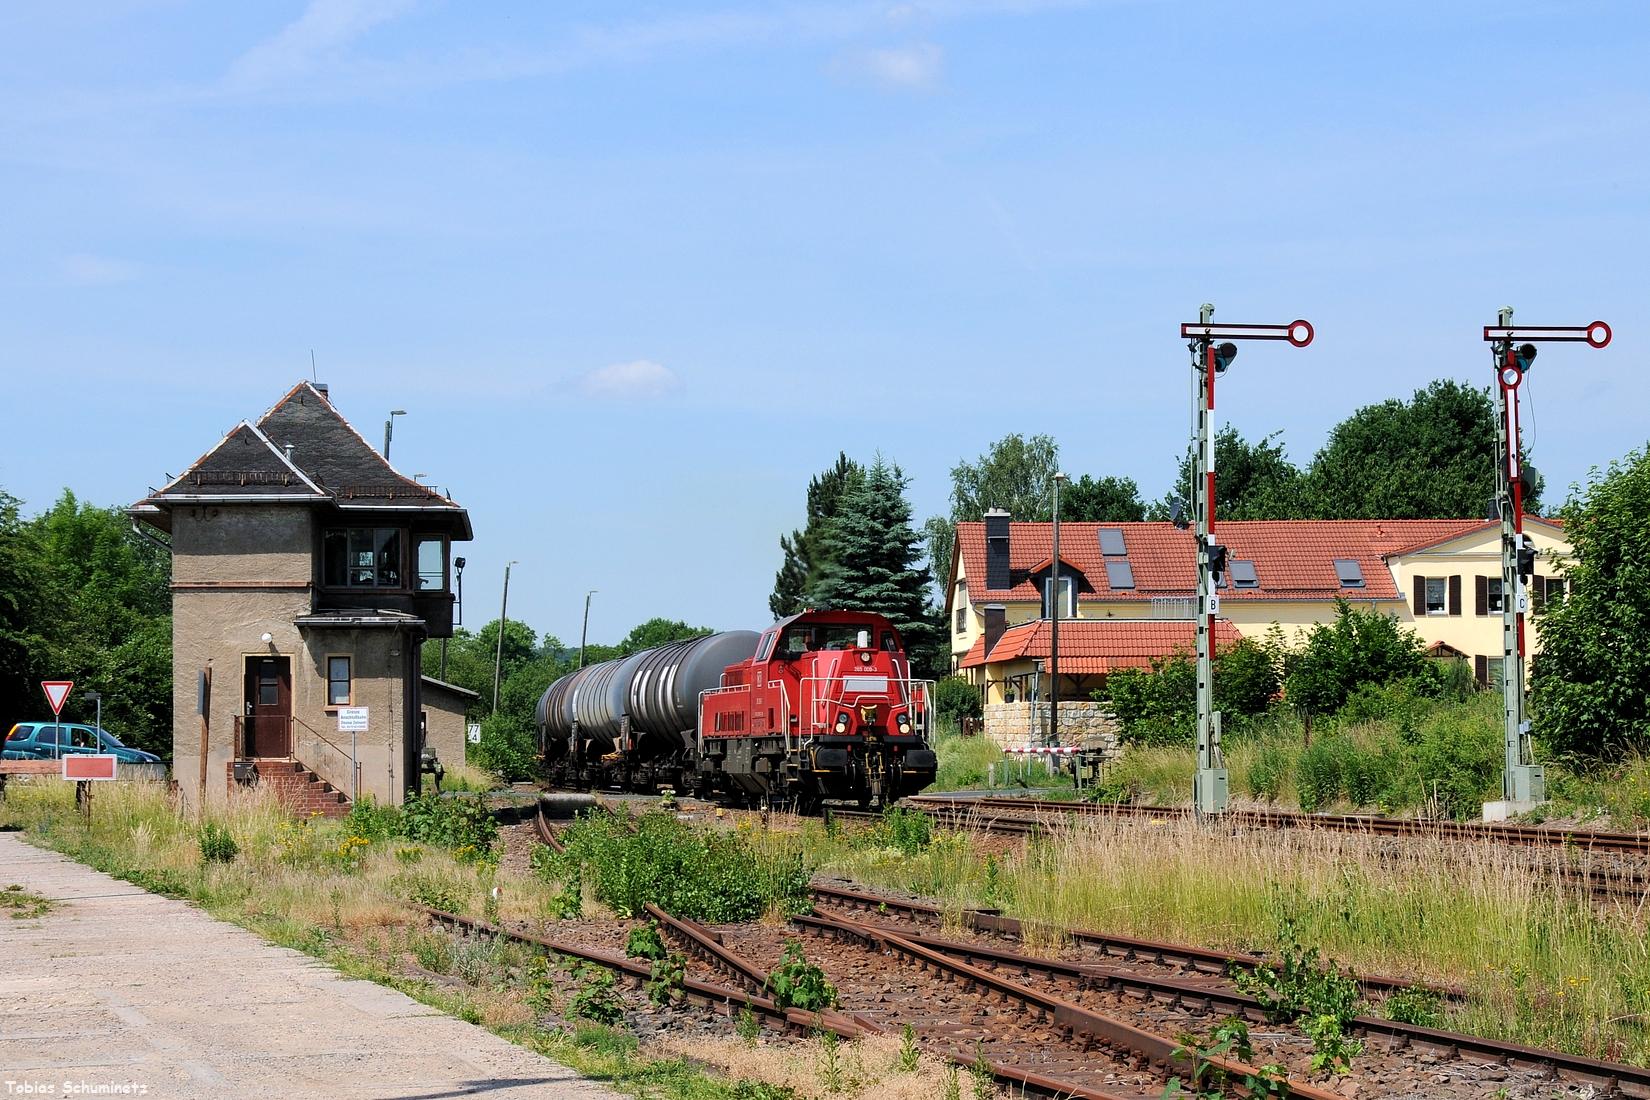 Auch hier fuhr ich wieder nach Deutschenbora um 265 008 bei der Durchfahrt durch den Bahnhof aufzunehmen.